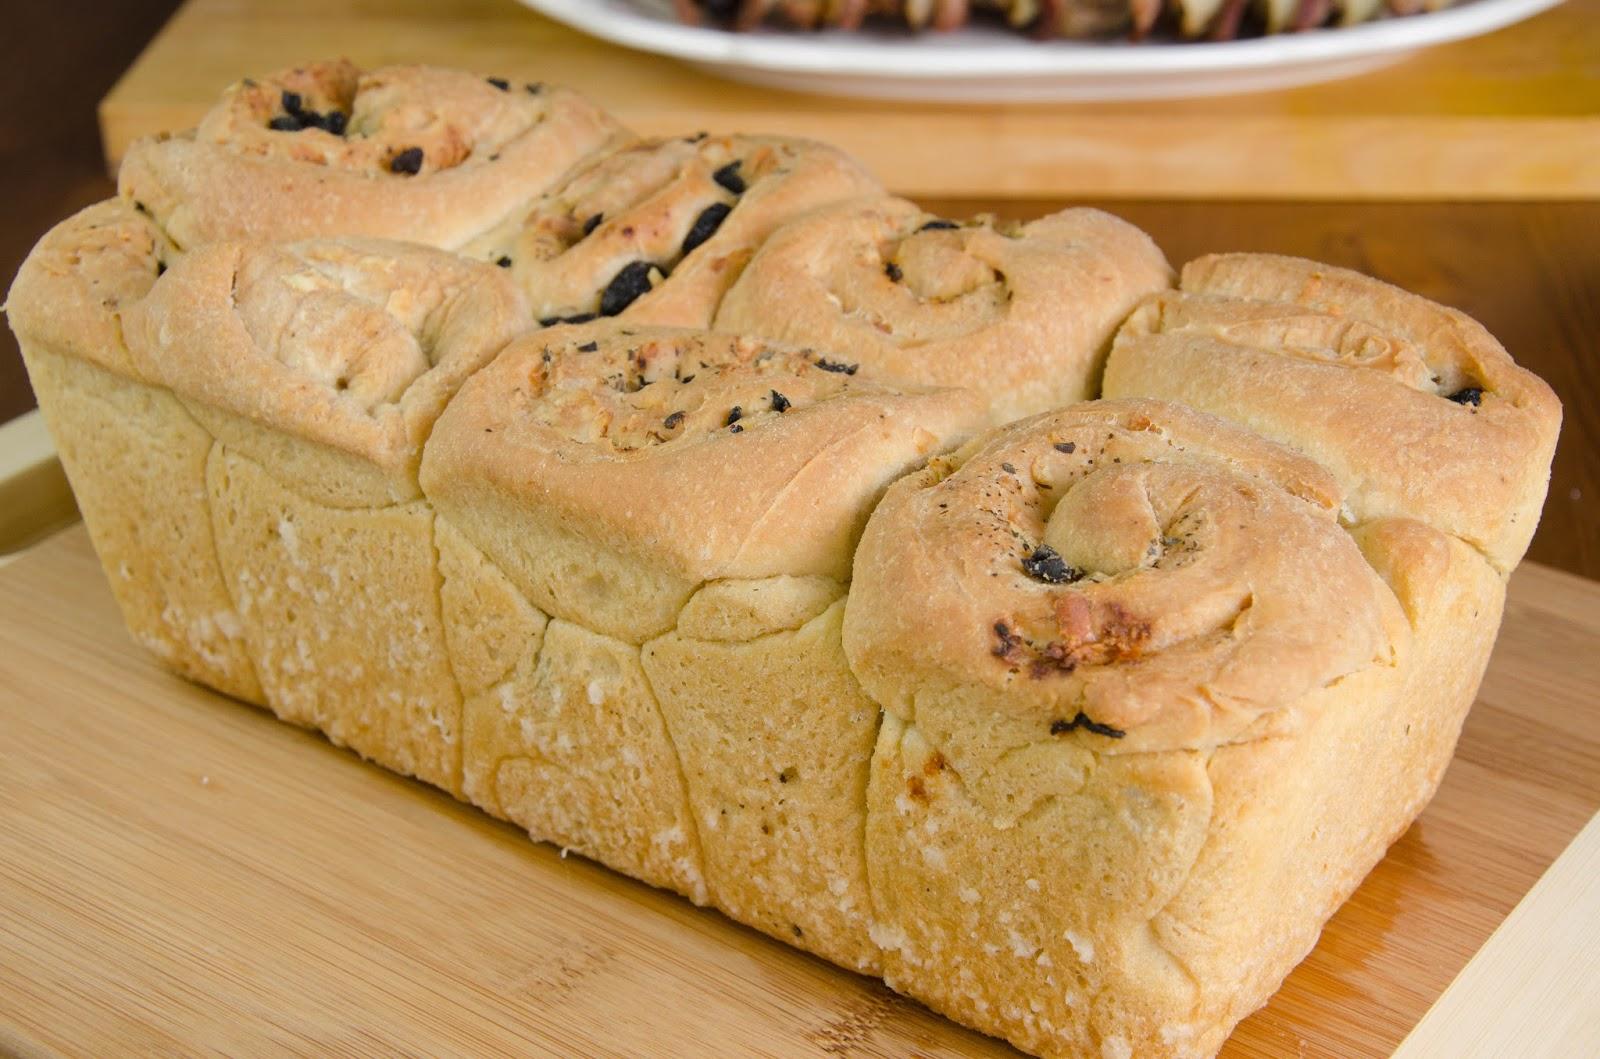 Chleb biały, drożdżowy z kozim serem, oliwkami i ziołami, do odrywania